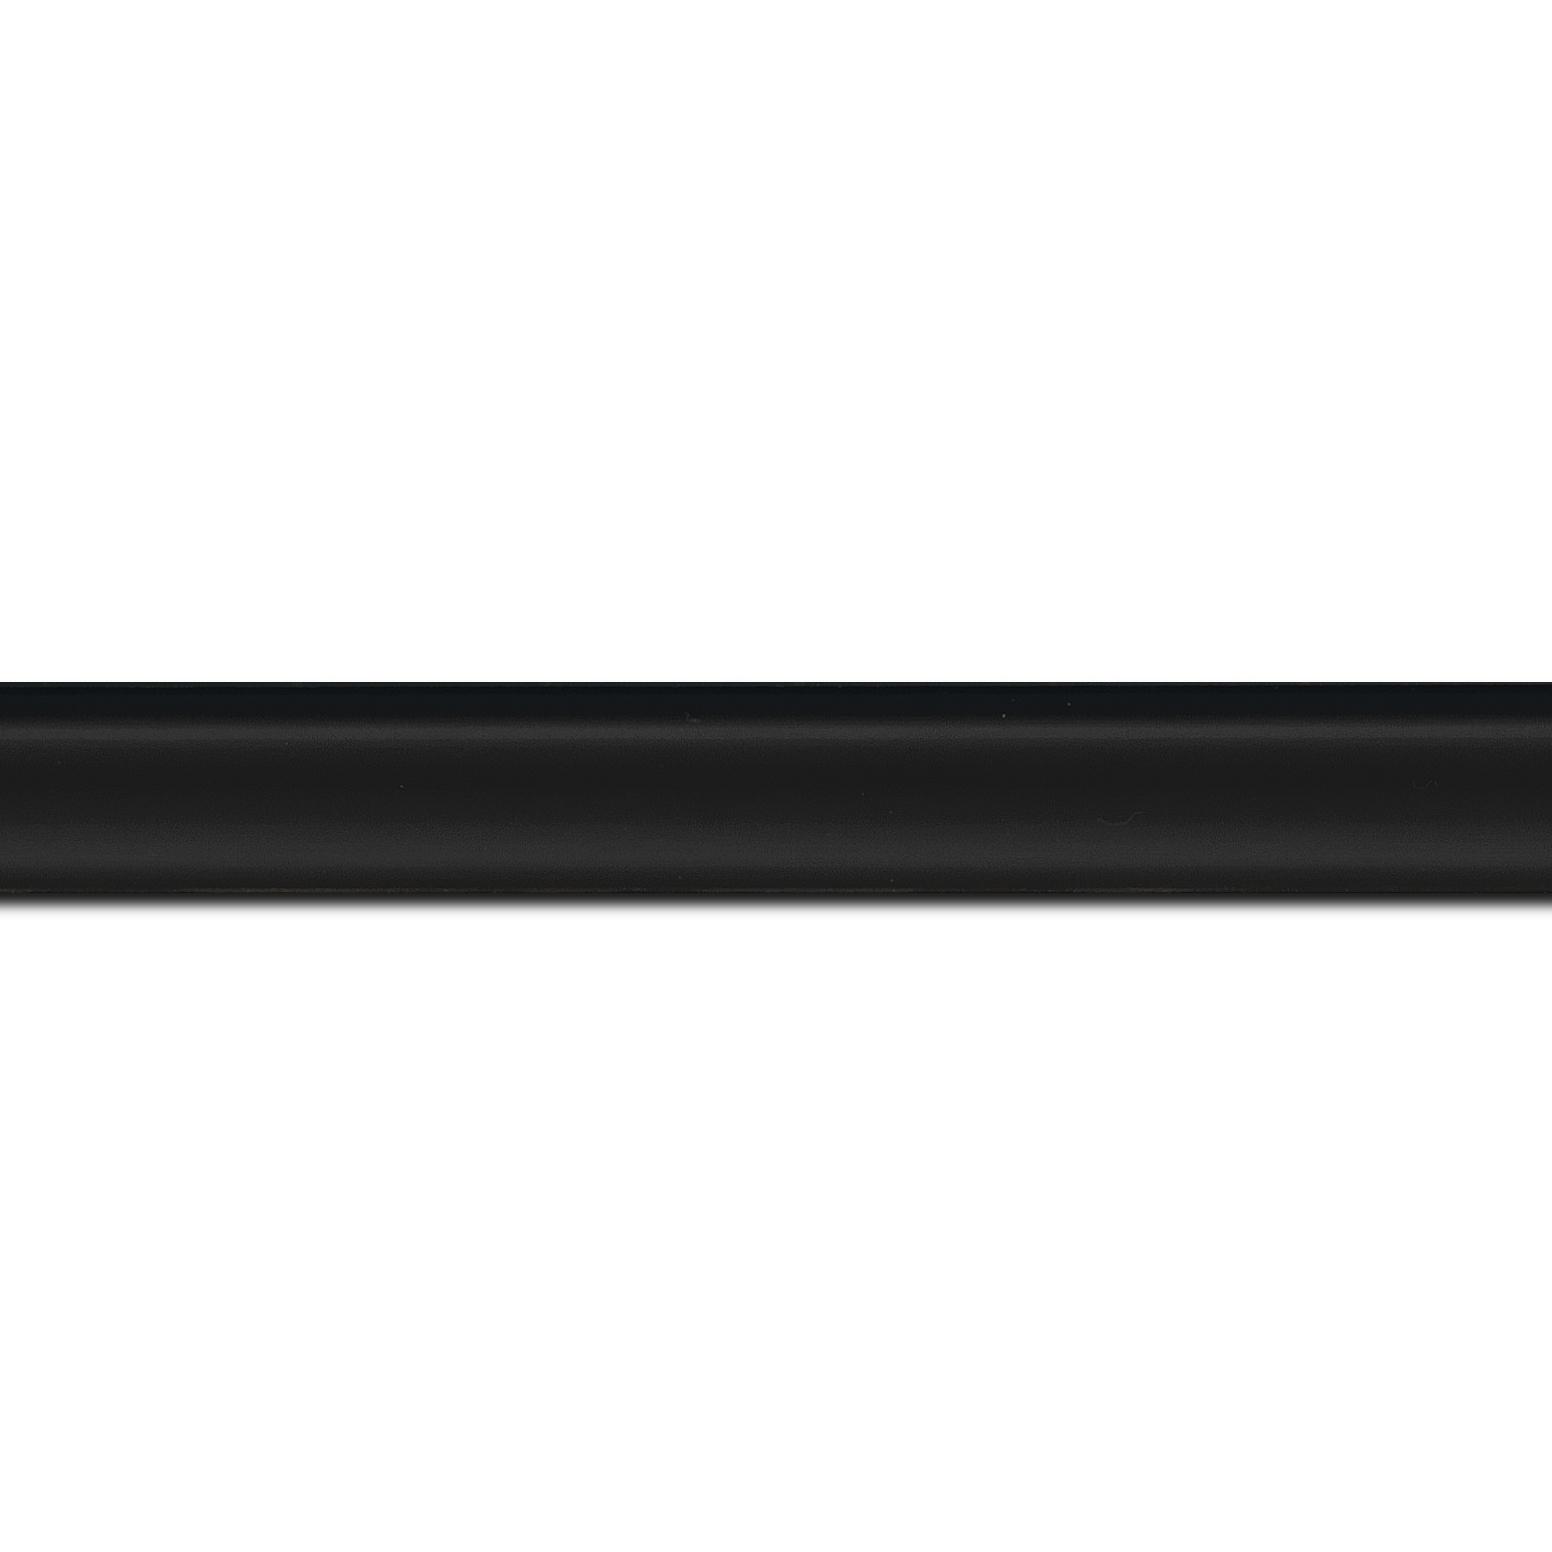 Baguette longueur 1.40m bois profil incuvé largeur 2.1cm couleur noir mat